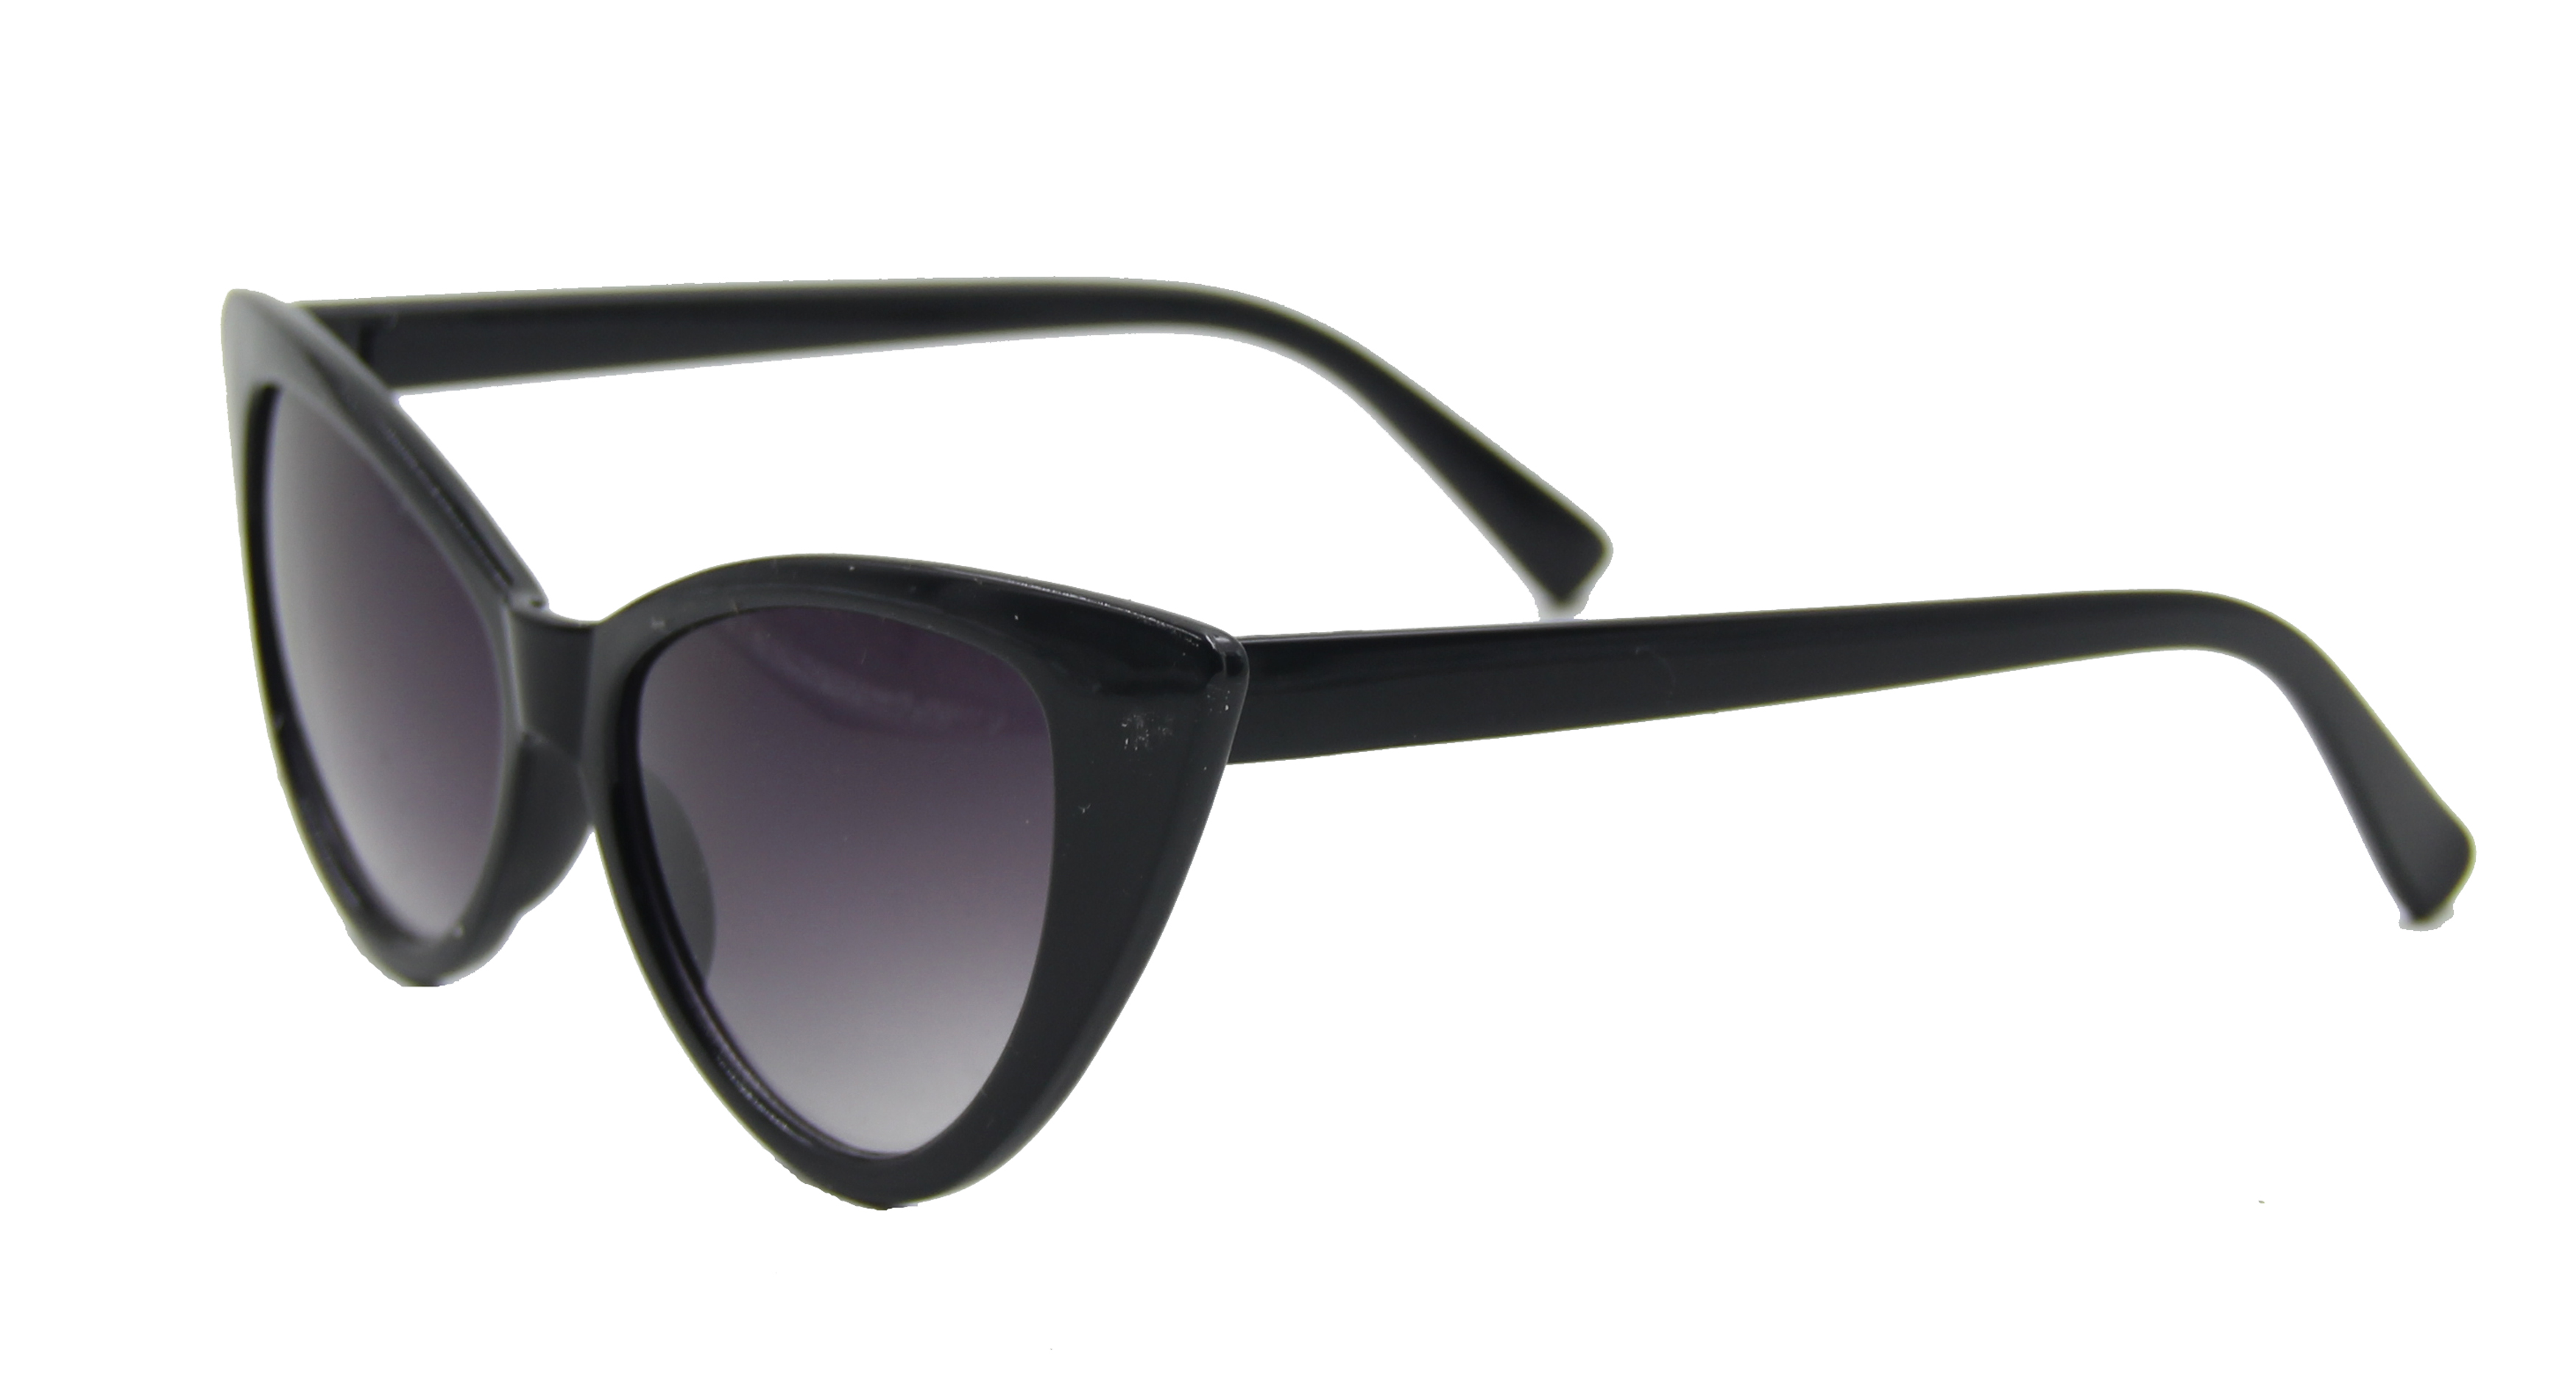 ASVP Shop Lunettes de soleil rétro œil-de-chat pour femme Tendance B3 - noir - kEvKp